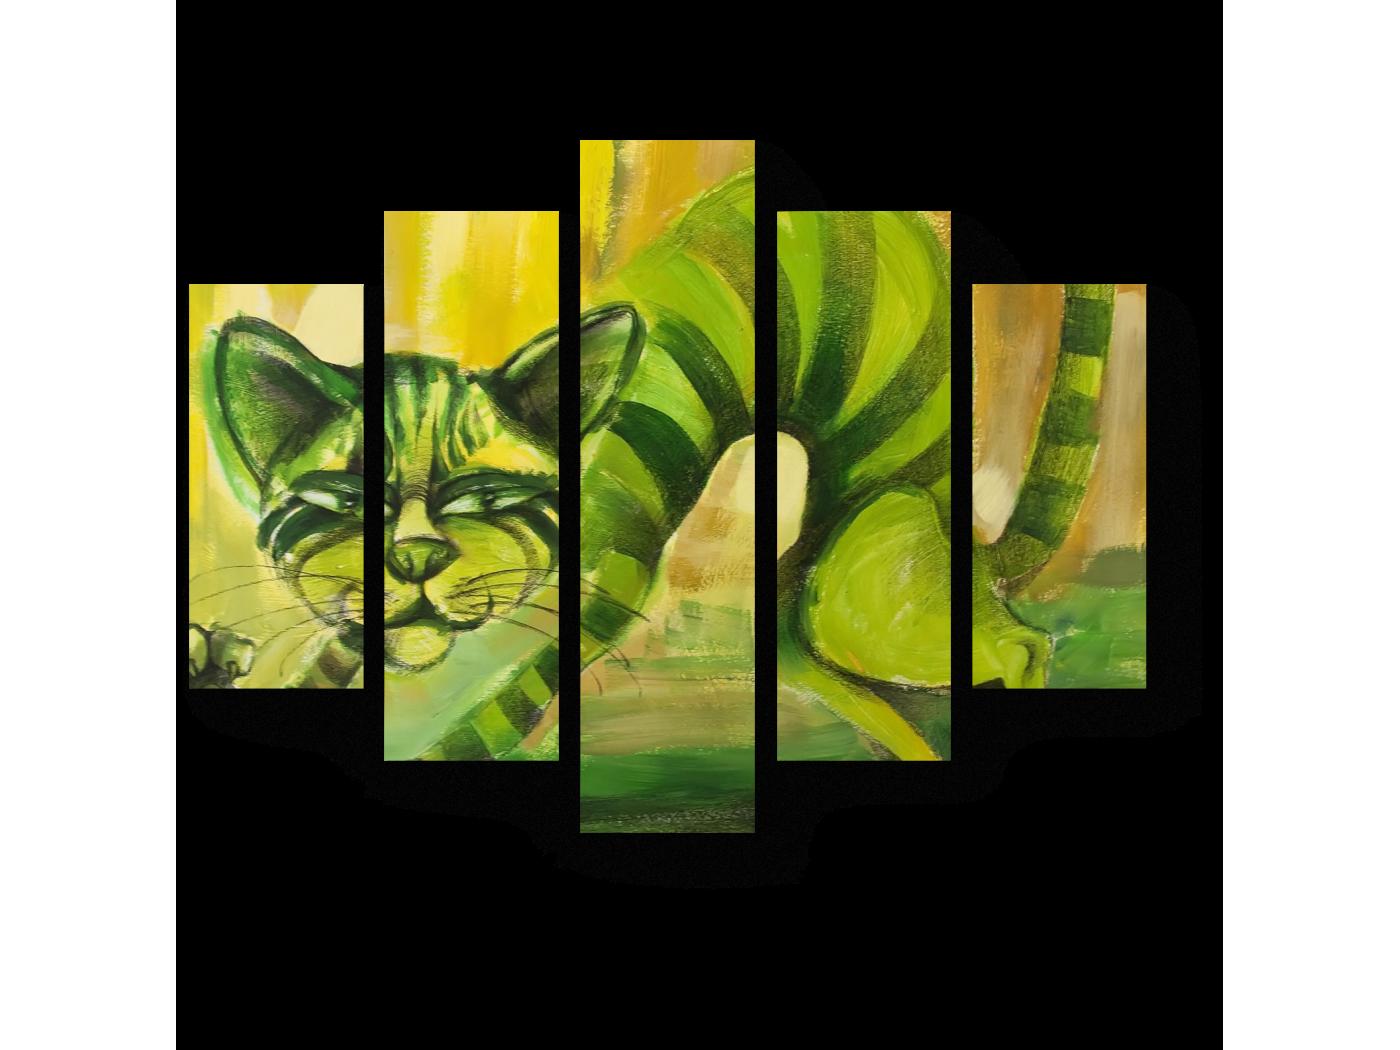 Модульная картина Зеленый полосатый кот (75x60) фото